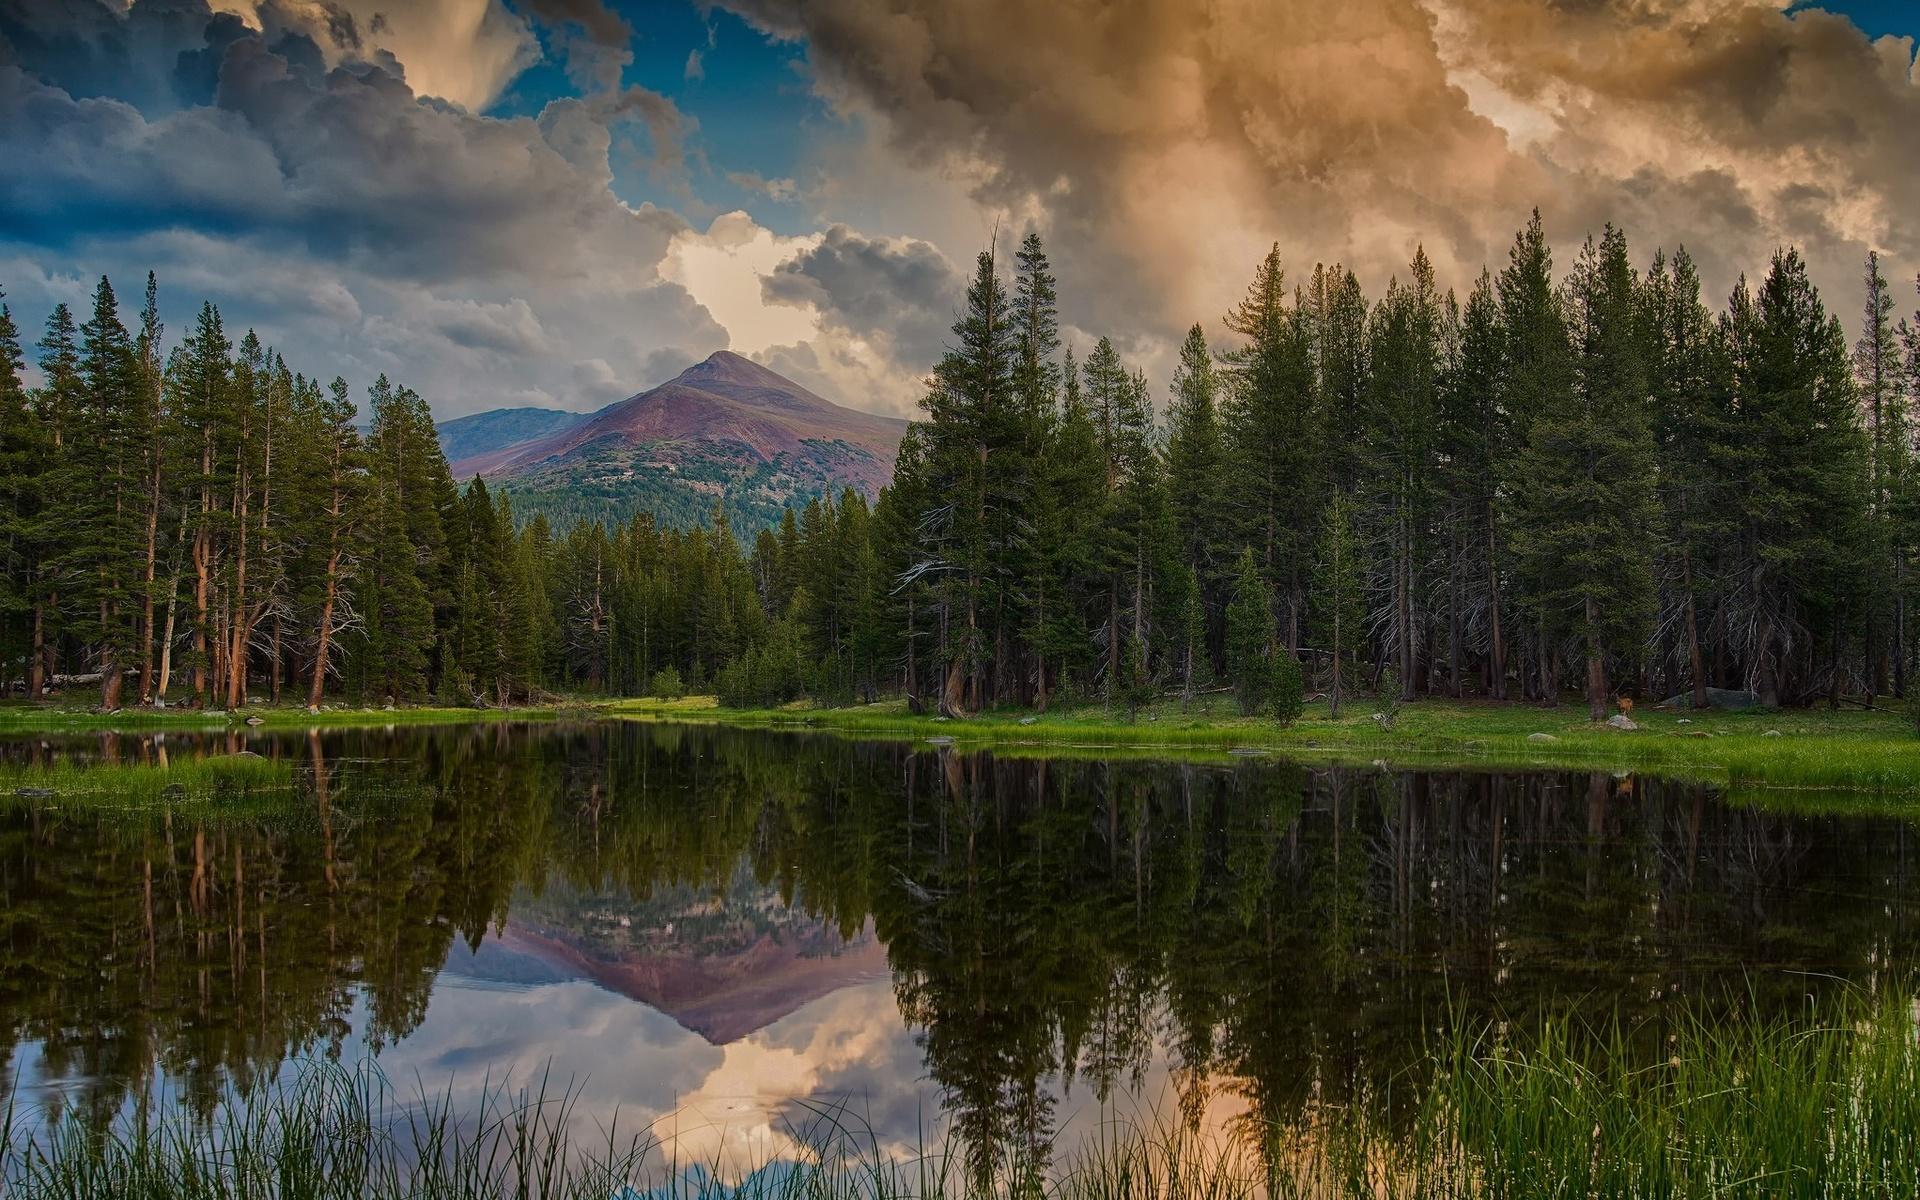 выдающийся красивые картинки озеро лес узнать